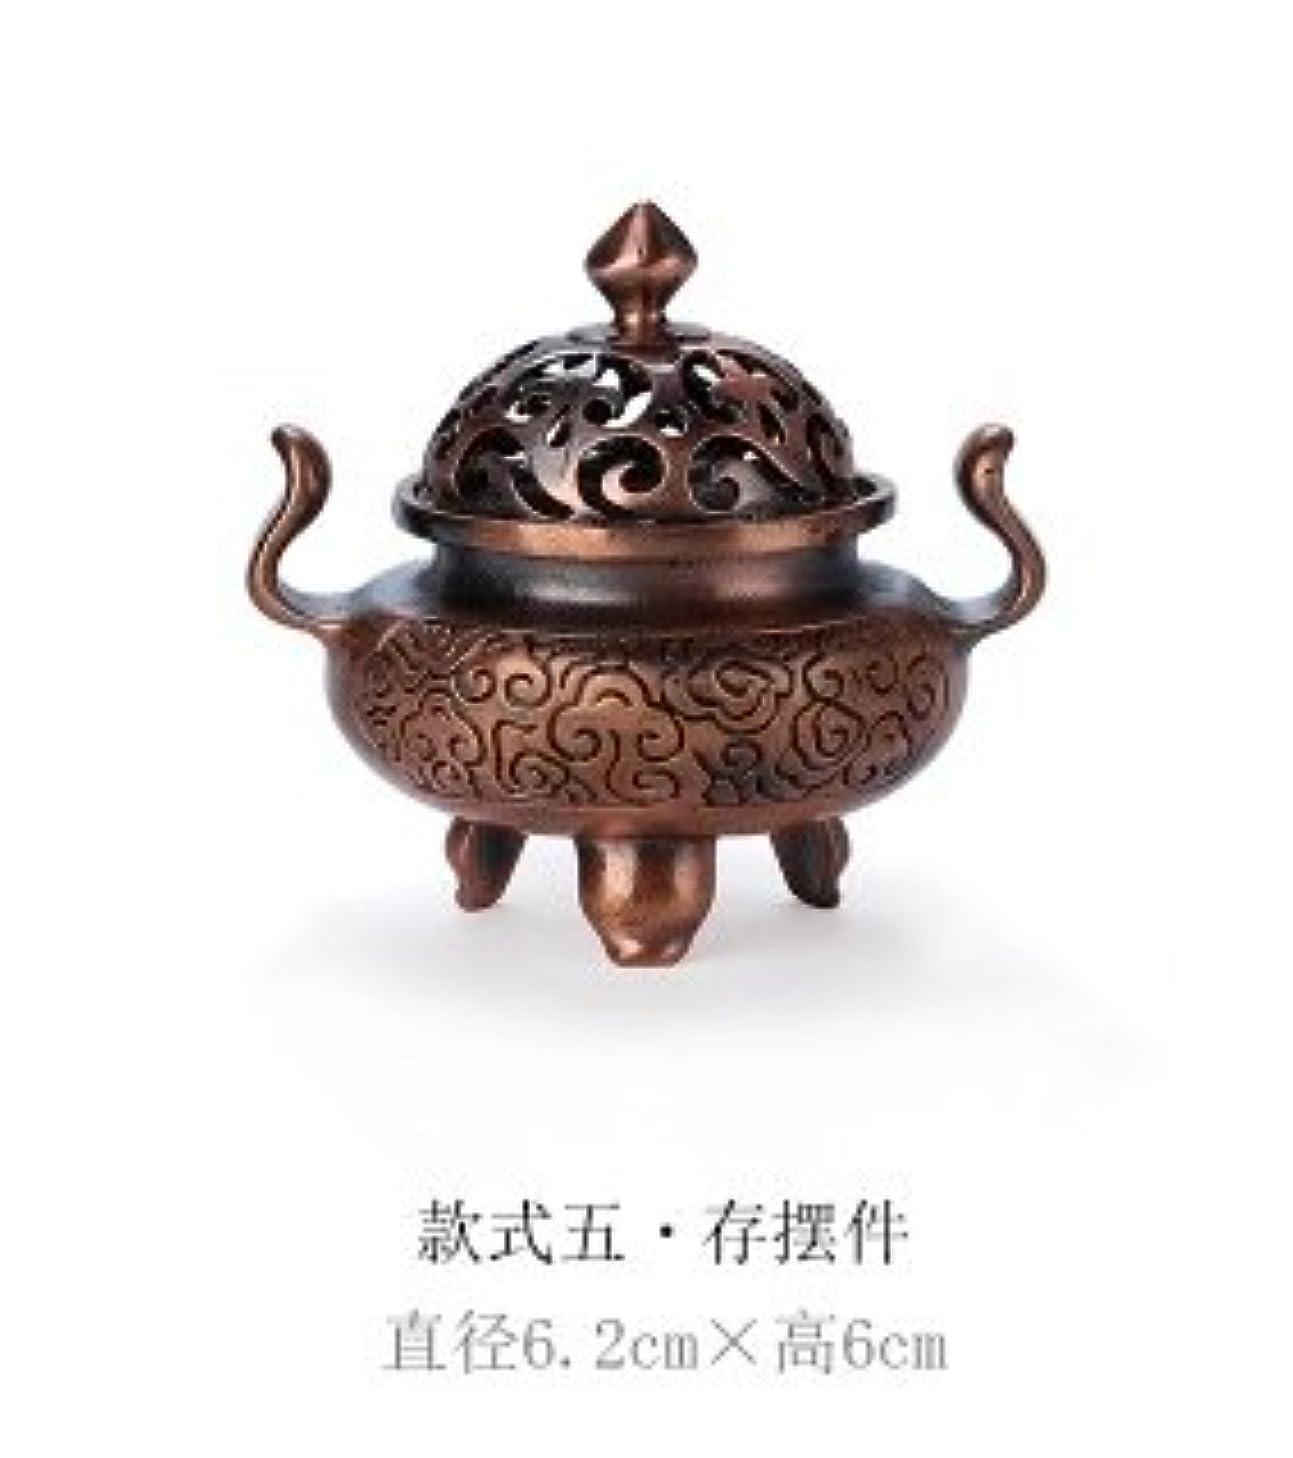 シャークつぼみドット金属镂空檀香香炉 功夫茶具 アクセサリー茶装飾 线香香炉 (銅色)